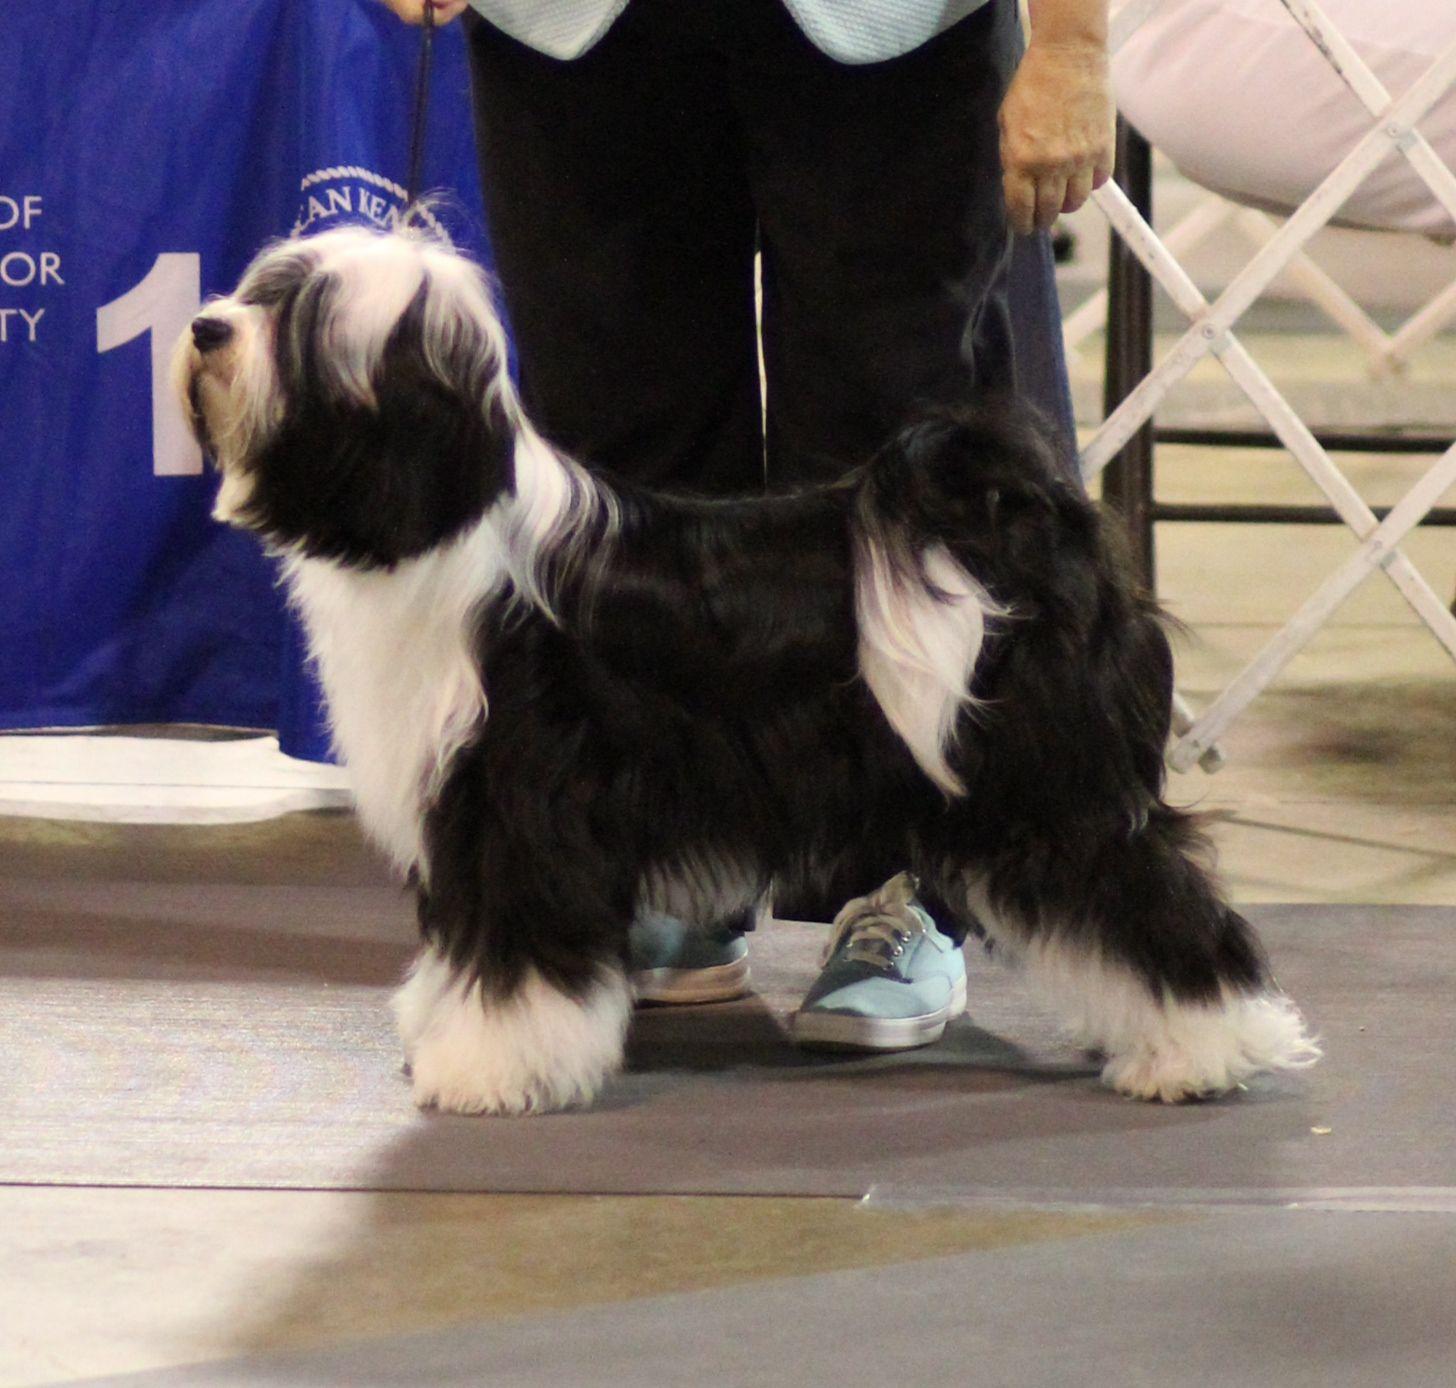 Tibetan Terrier (With images) Tibetan terrier, Terrier